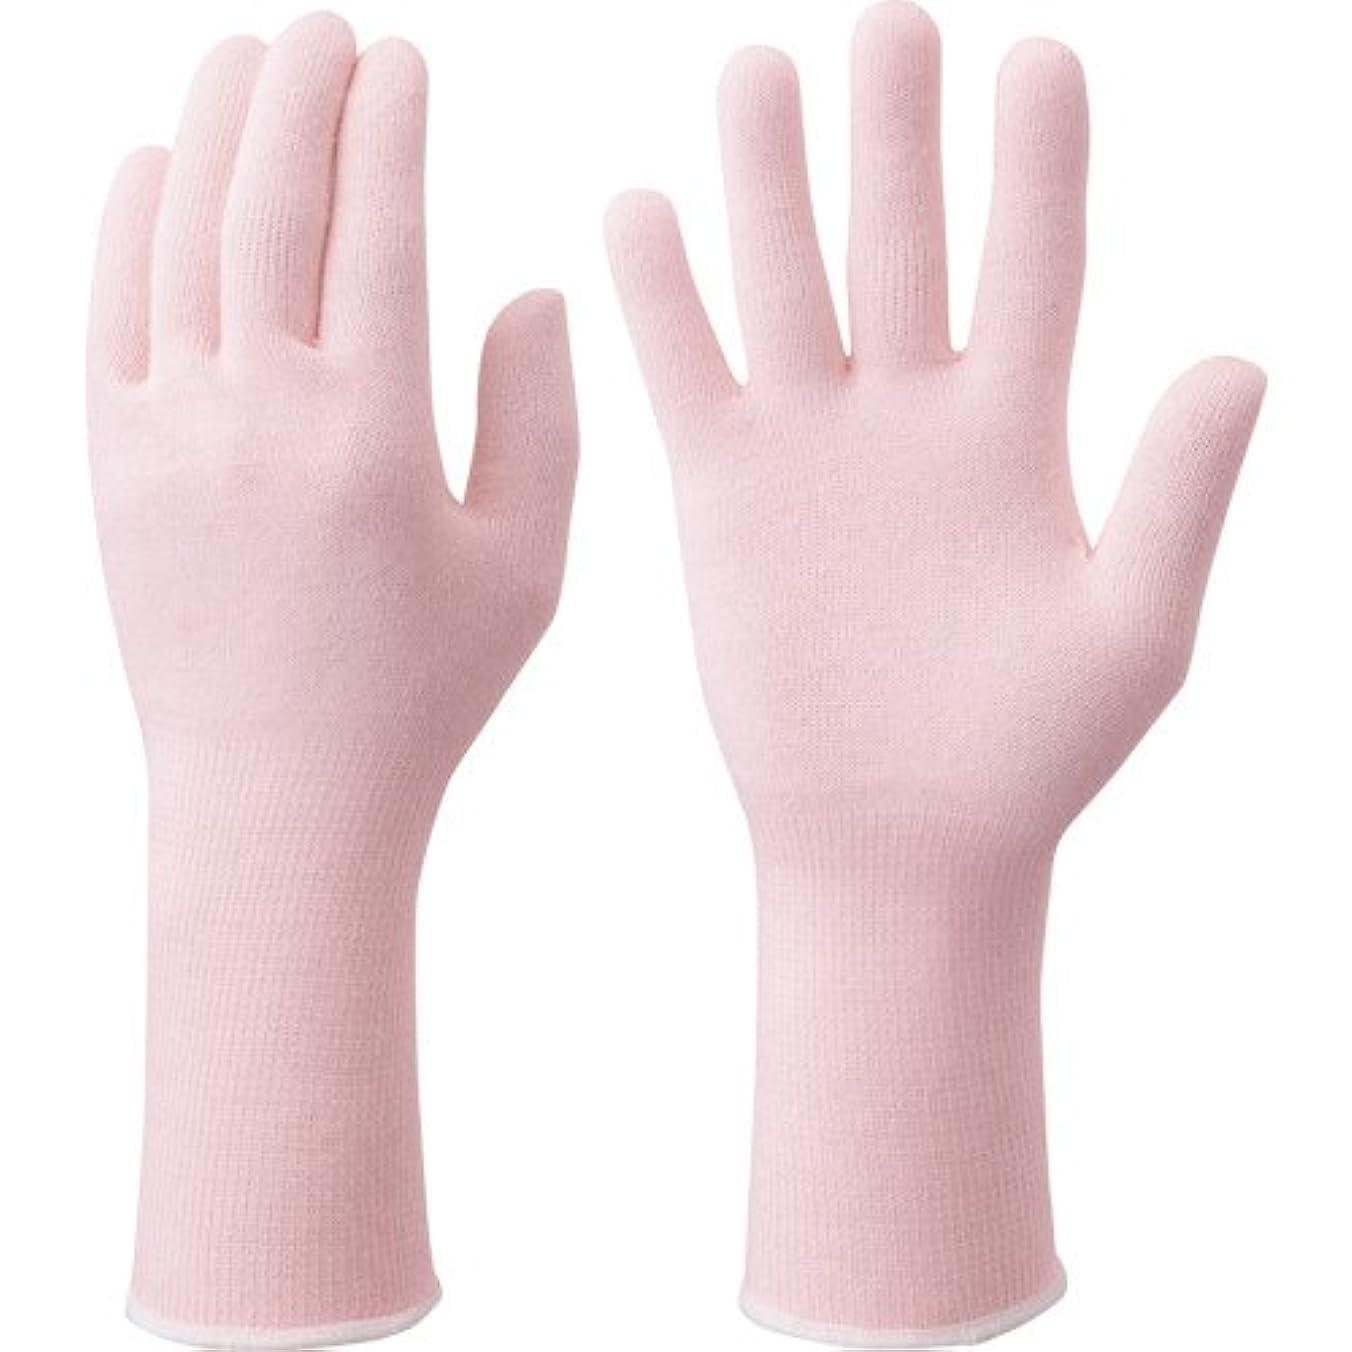 方言本質的ではない後ろに手肌をいたわる手袋フリーピンク